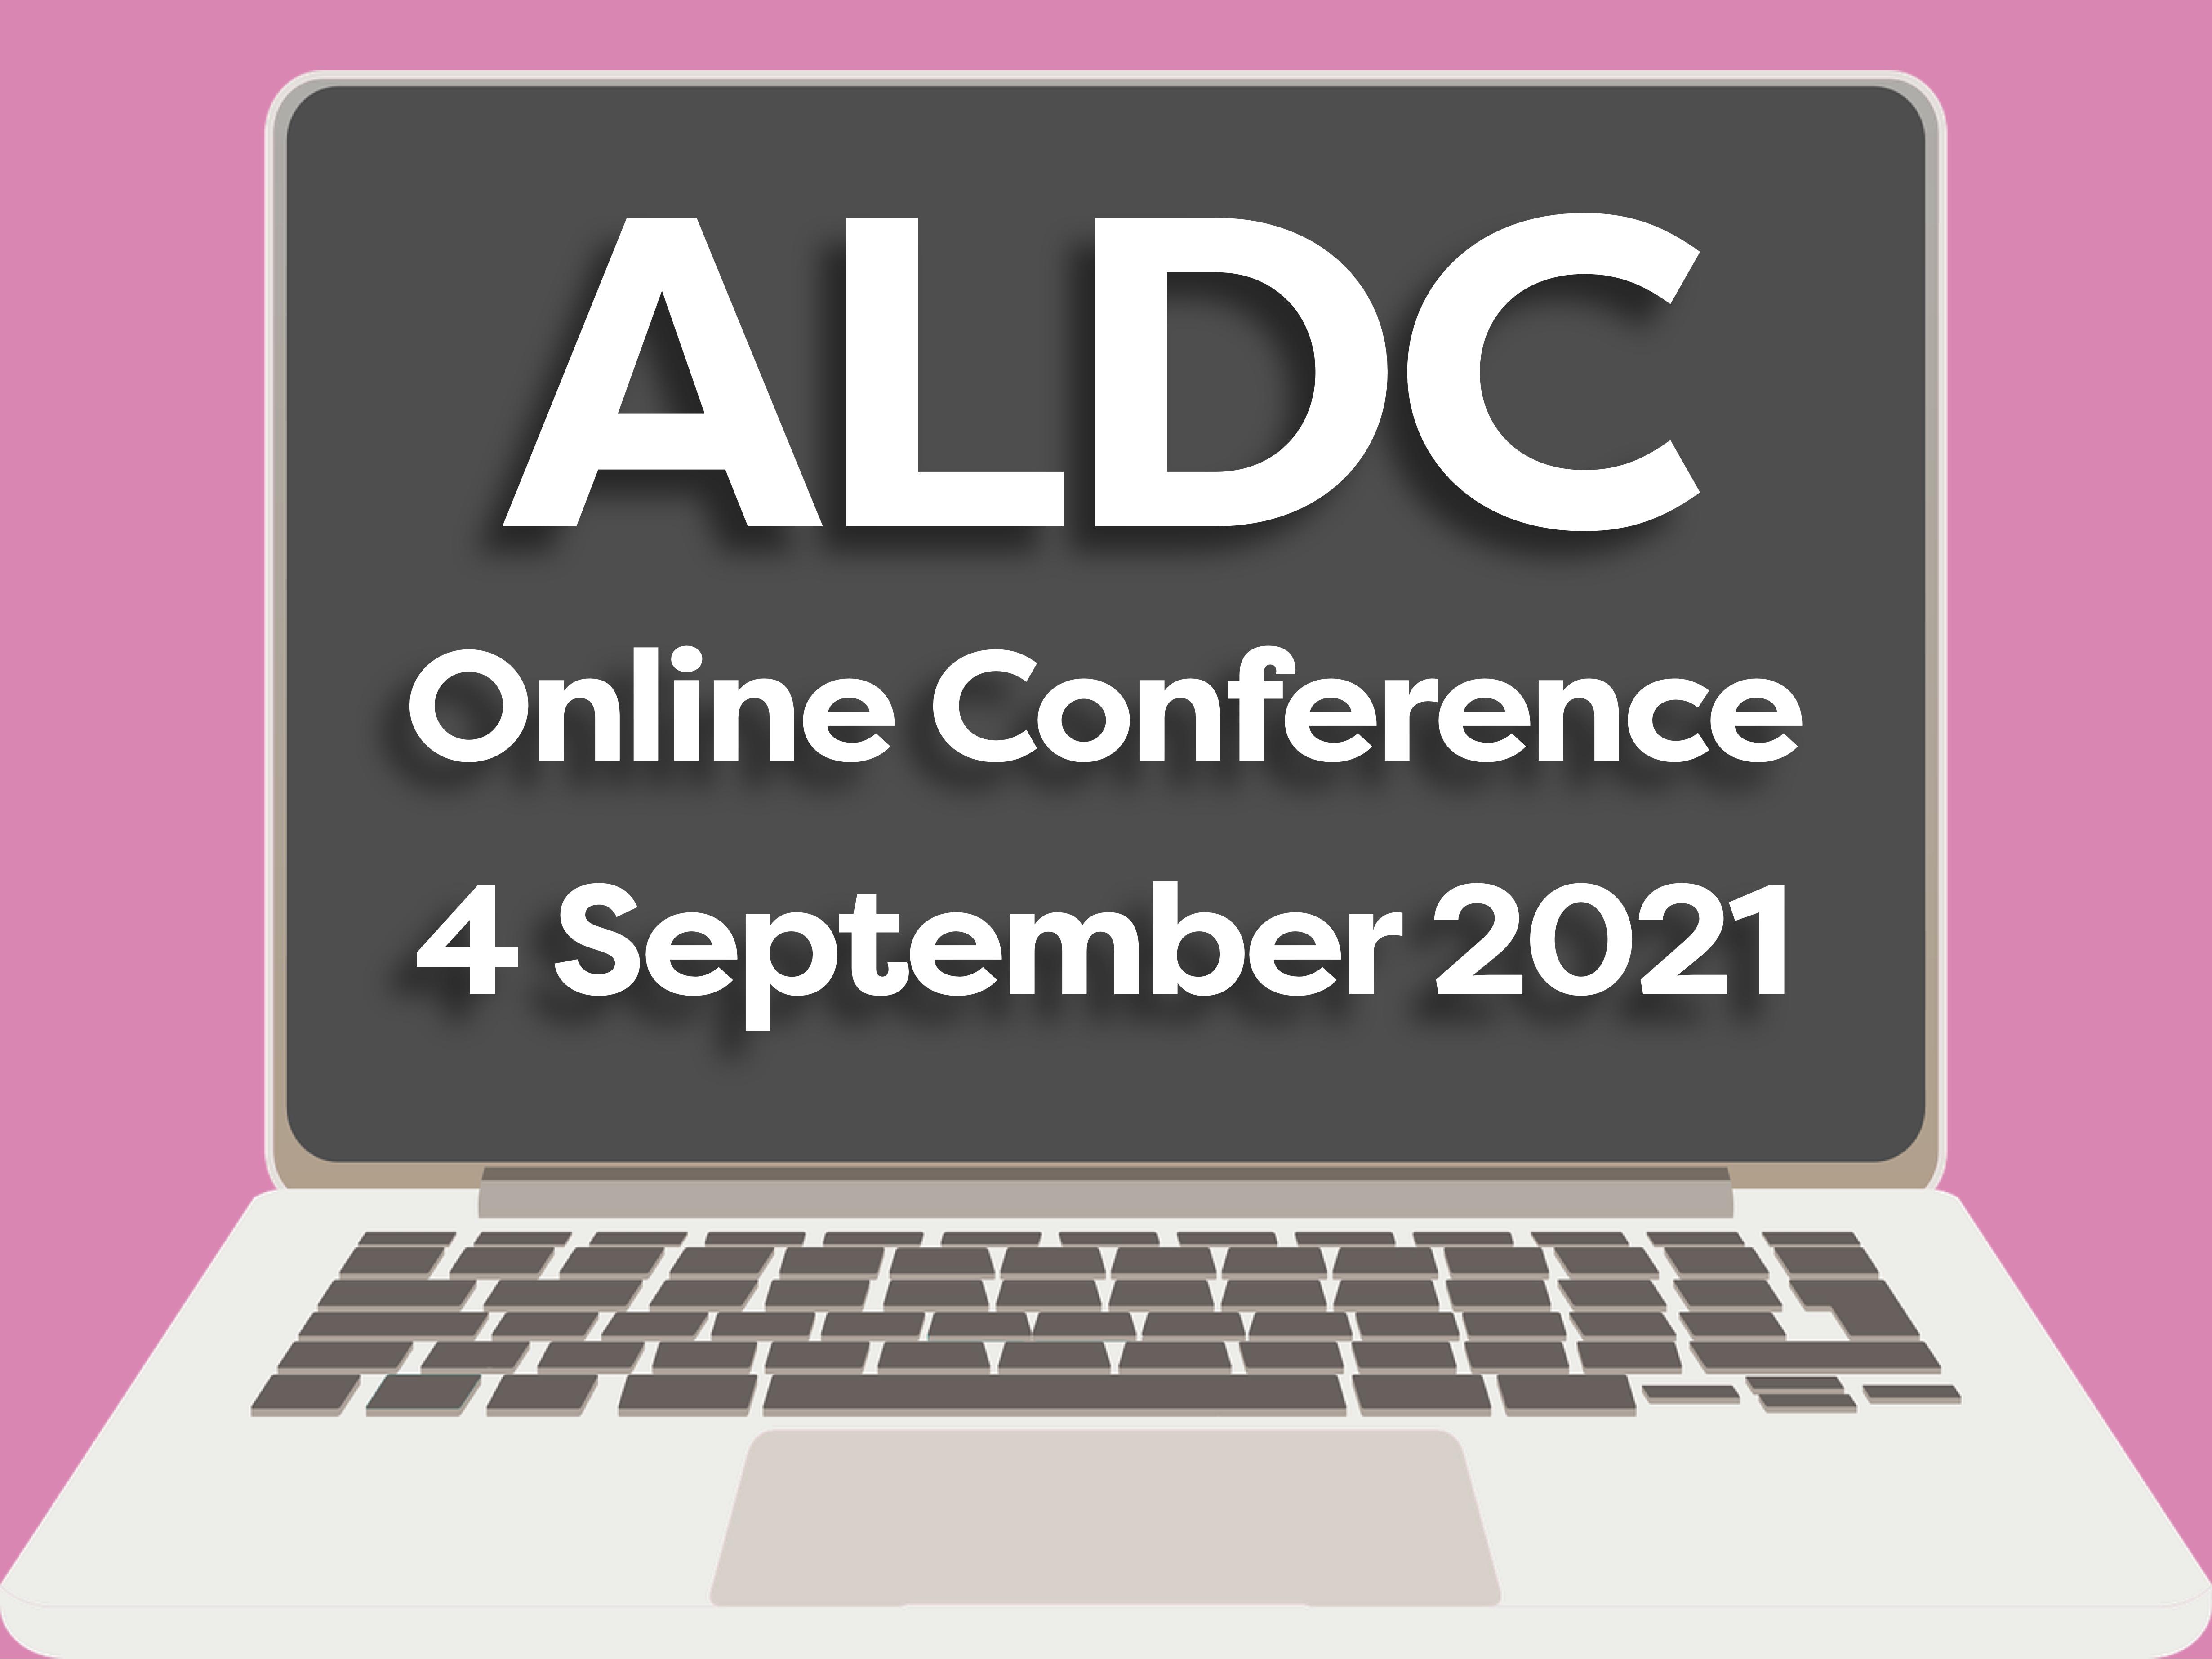 ALDC Online Conference – Sat 4 September 2021